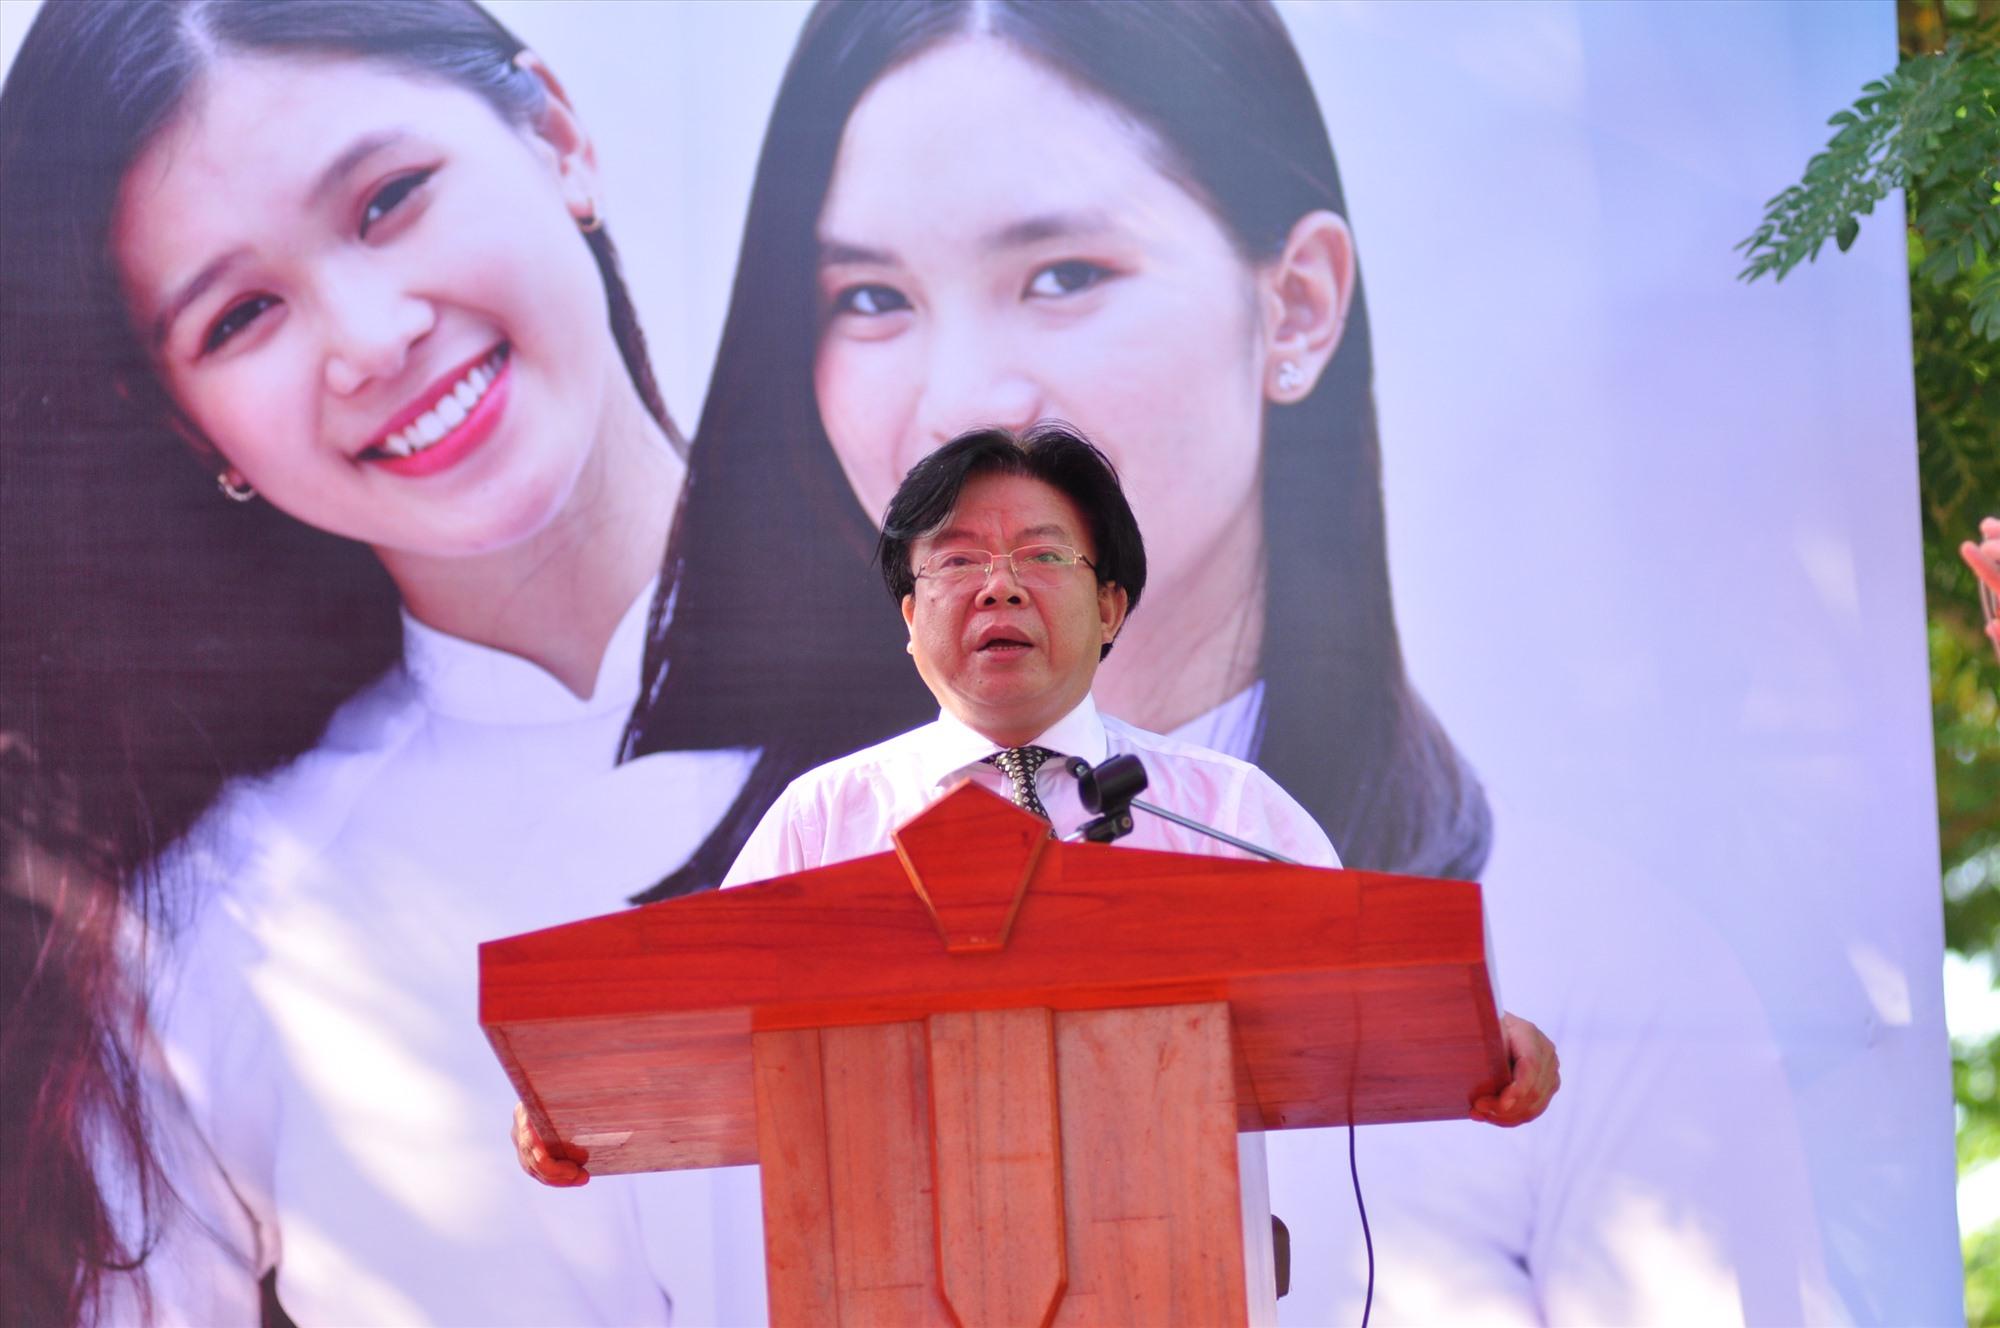 Giám đốc Sở GD-ĐT Hà Thanh Quốc bày tỏ lời cám ơn và đánh giá cao Báo Tuổi Trẻ đã tổ chức chương trình tư vấn tuyển sinh - hướng nghiệp cho HS Quảng Nam. Ảnh: X.P